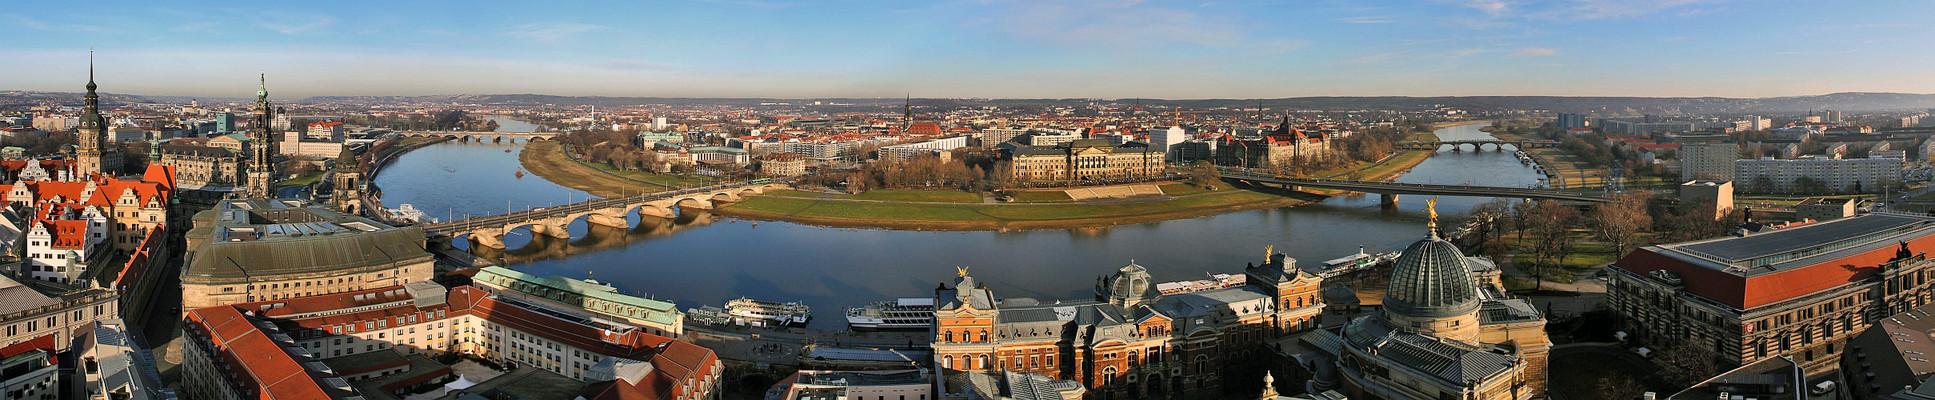 Dresdenblick von der Frauenkirche mit sphärischer Projektion gestitcht und ...